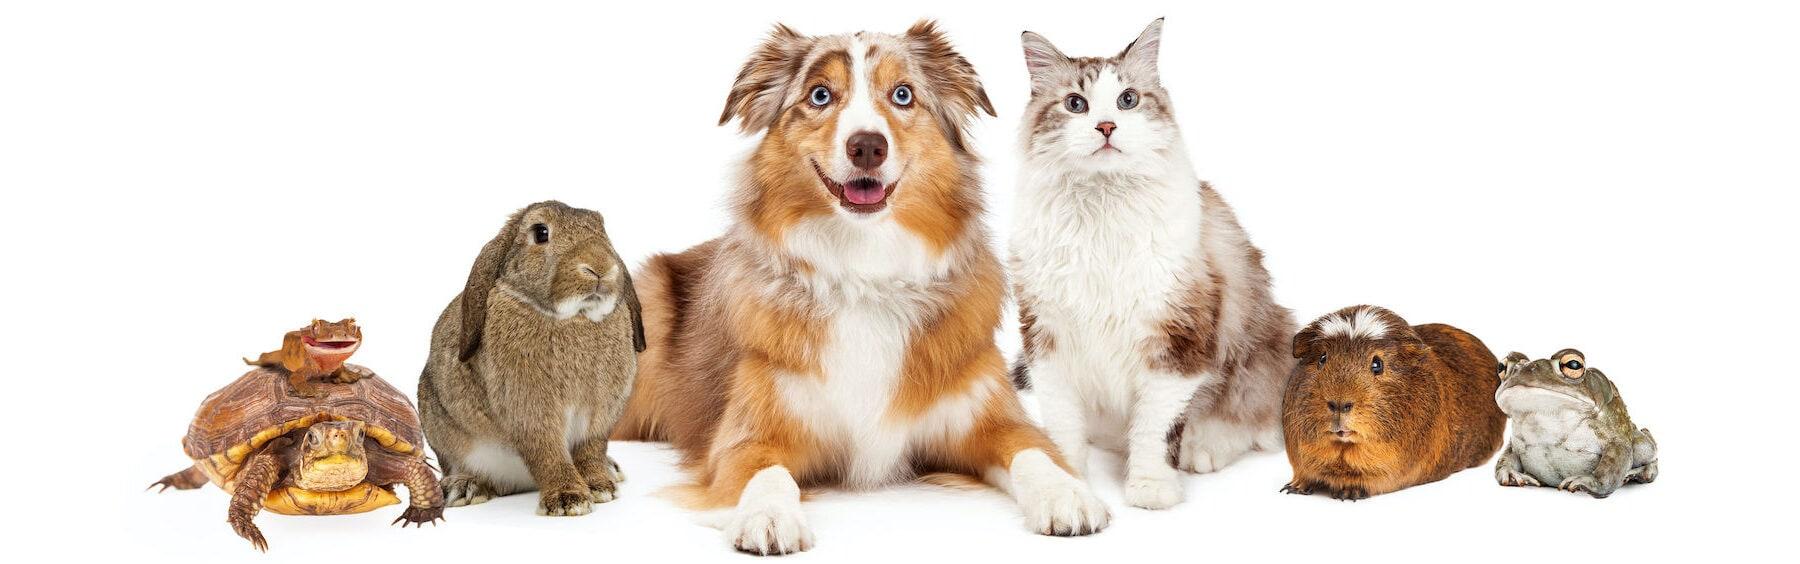 Dog, Pet, Animal